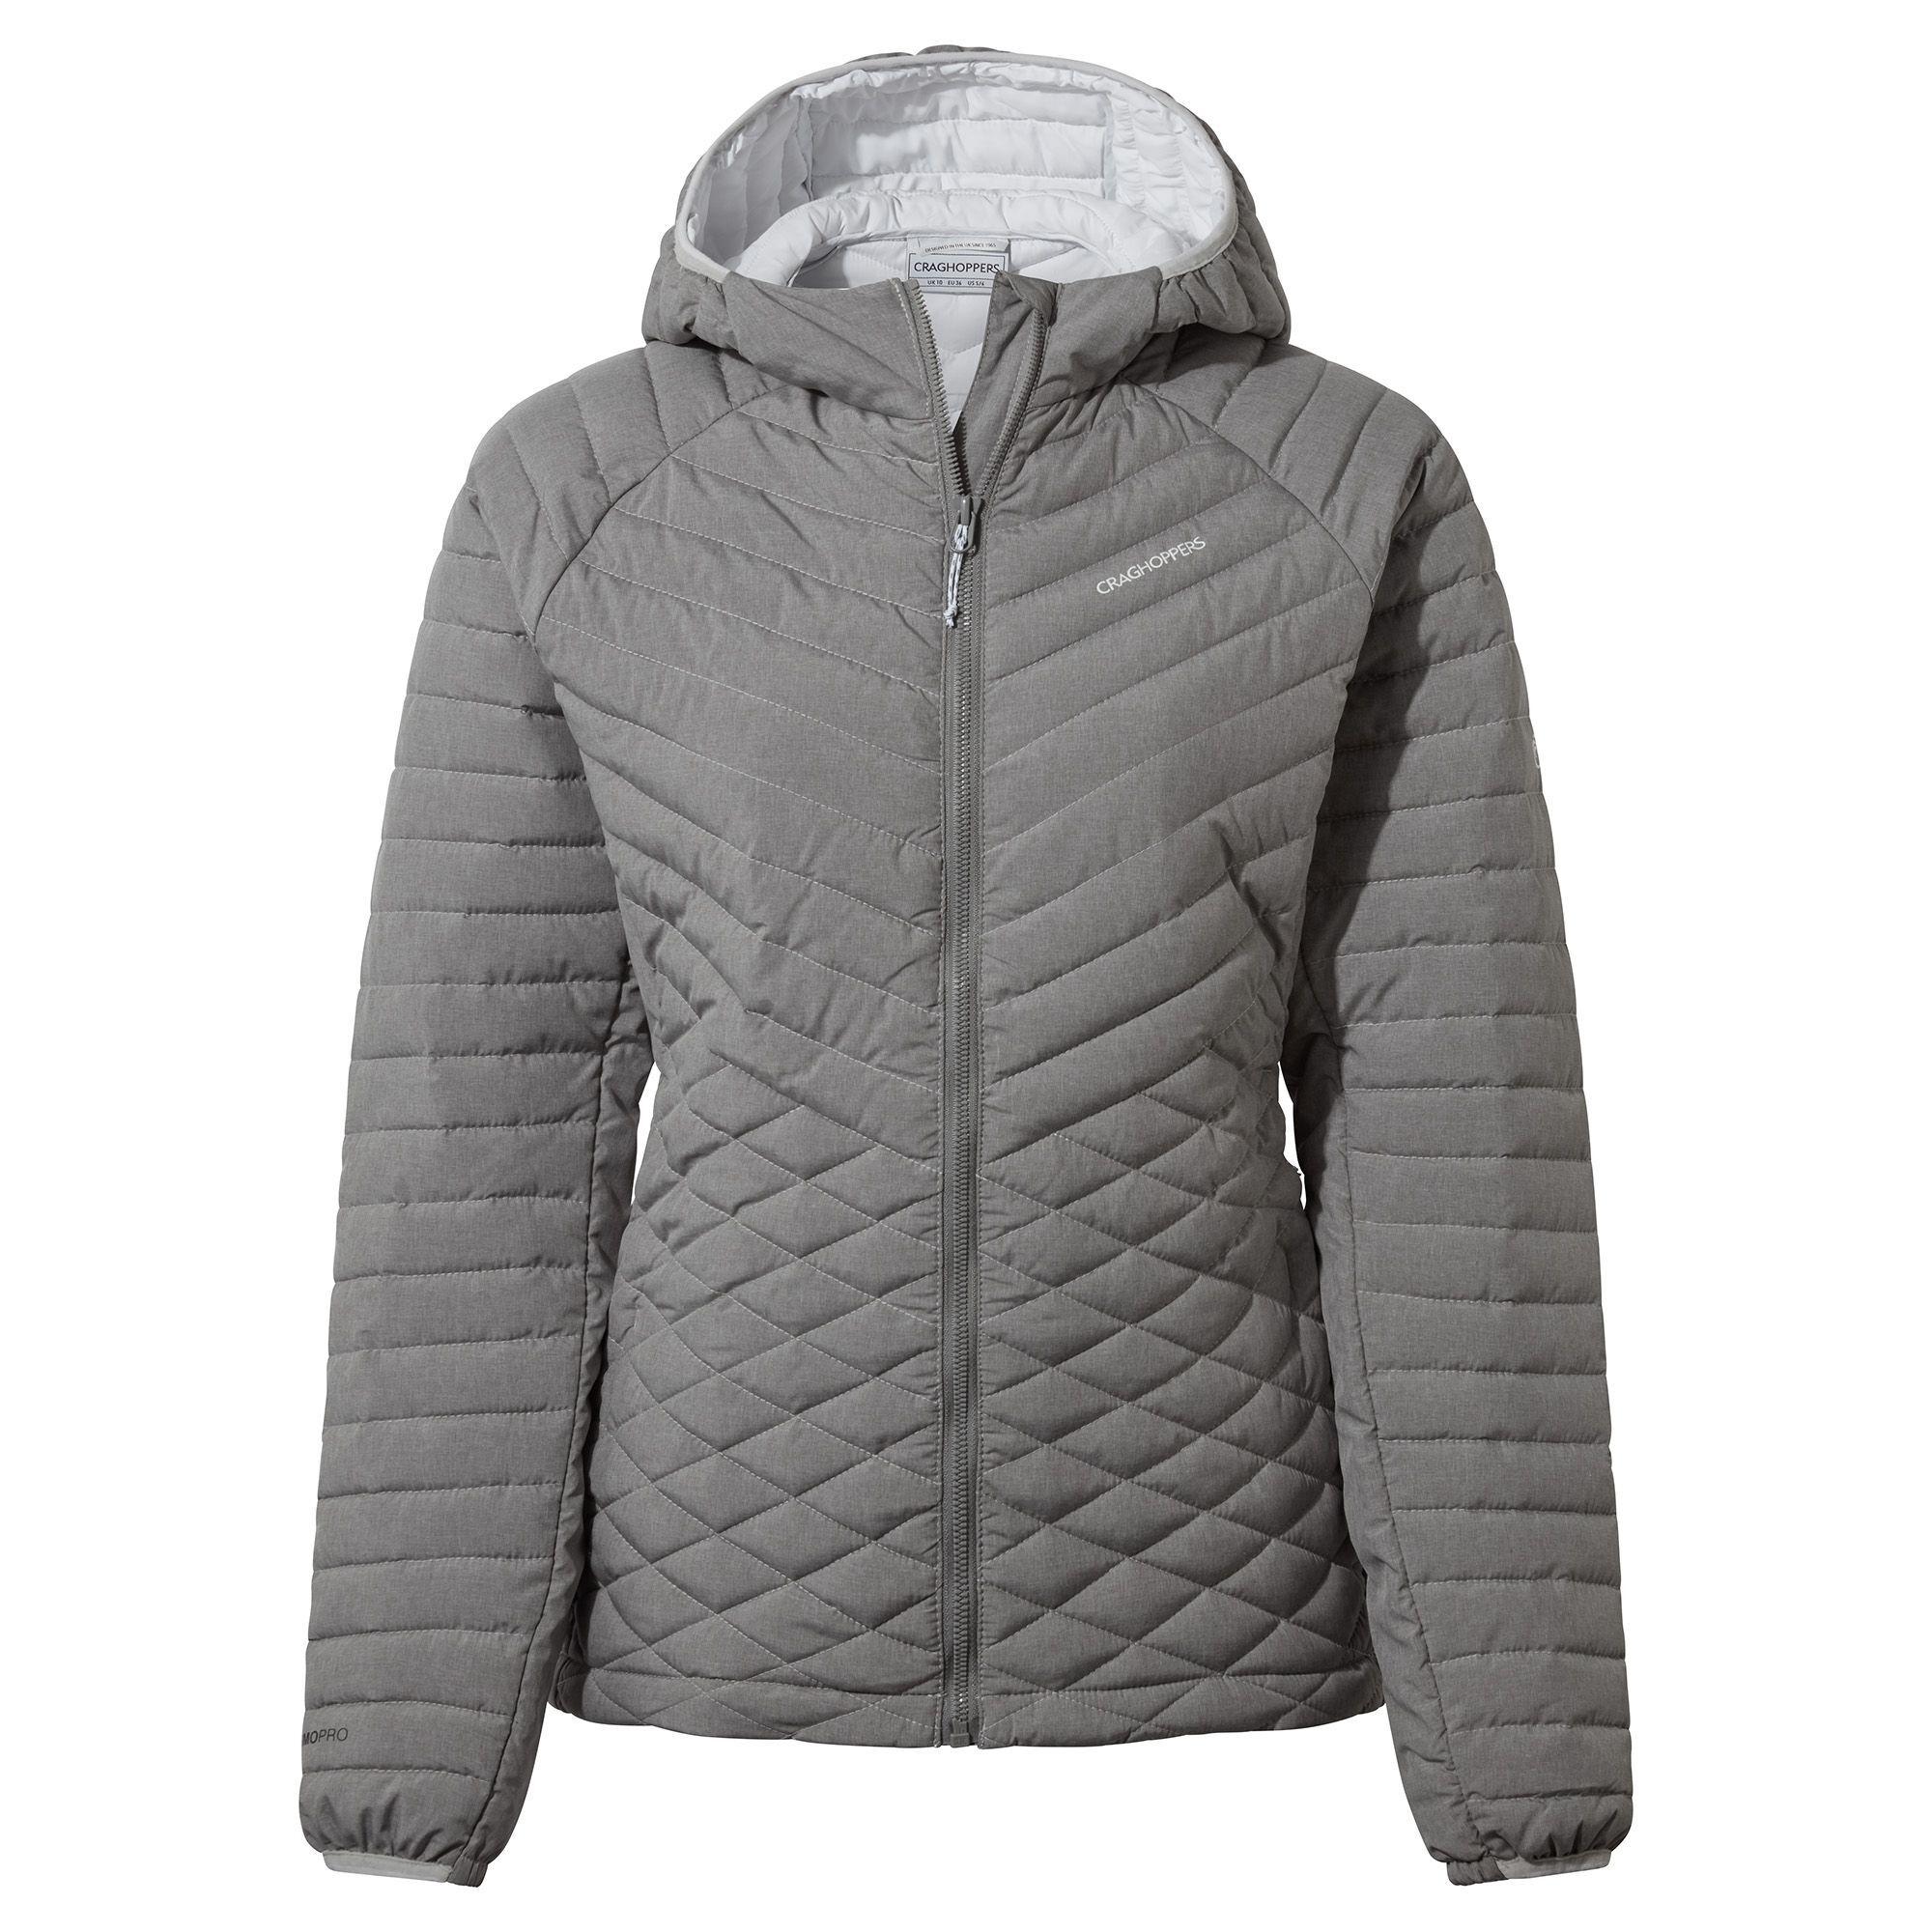 Craghoppers Womens/Ladies Expolite Hooded Jacket (8 UK) (Soft Grey Marl)